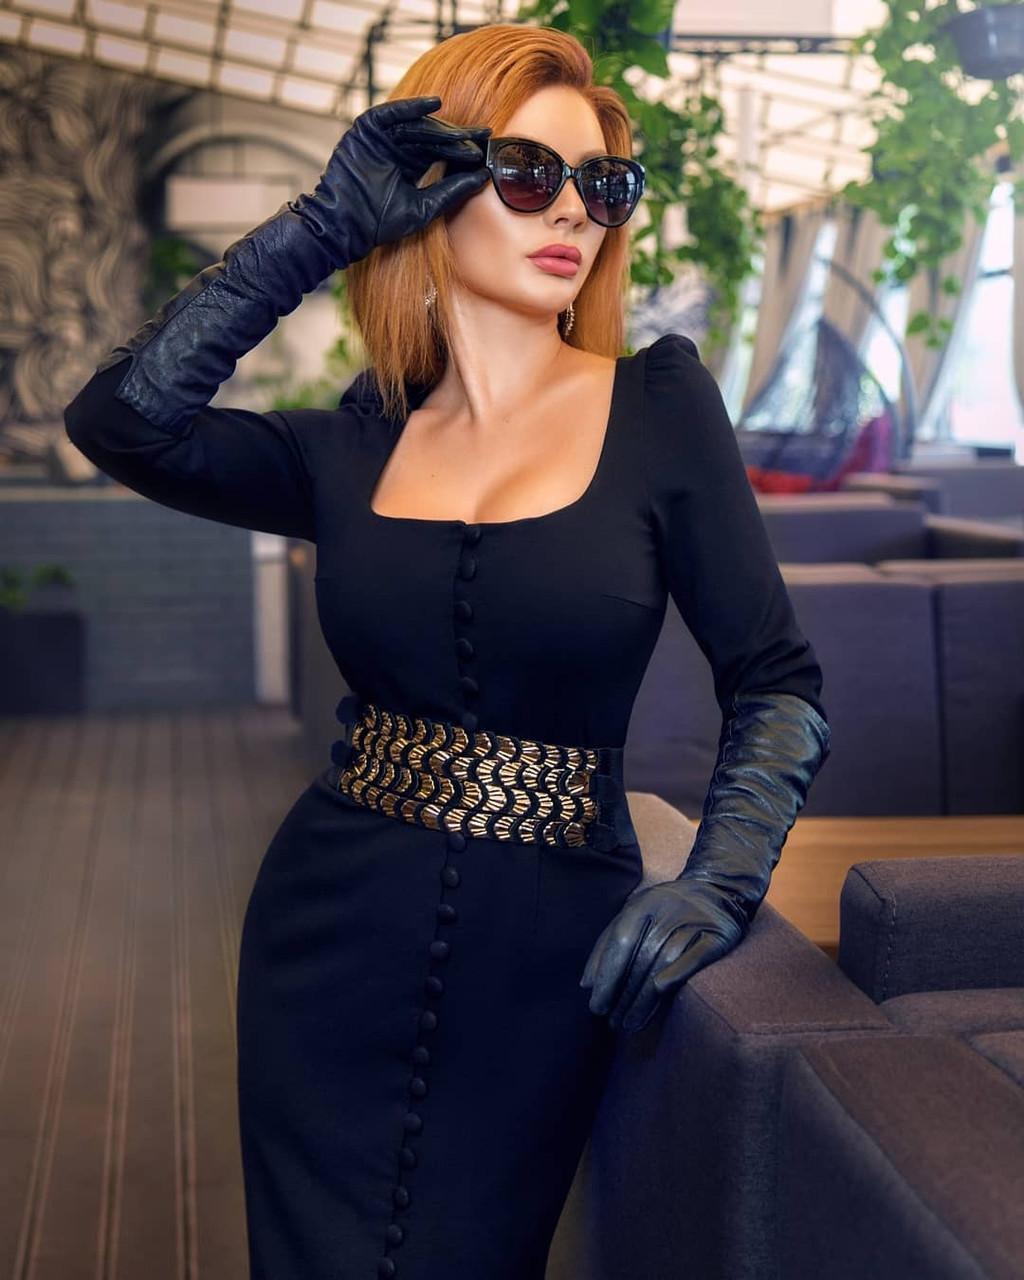 Облегающее платье футляр миди силуэтное сексуальное с декольте на пуговицах черное красное